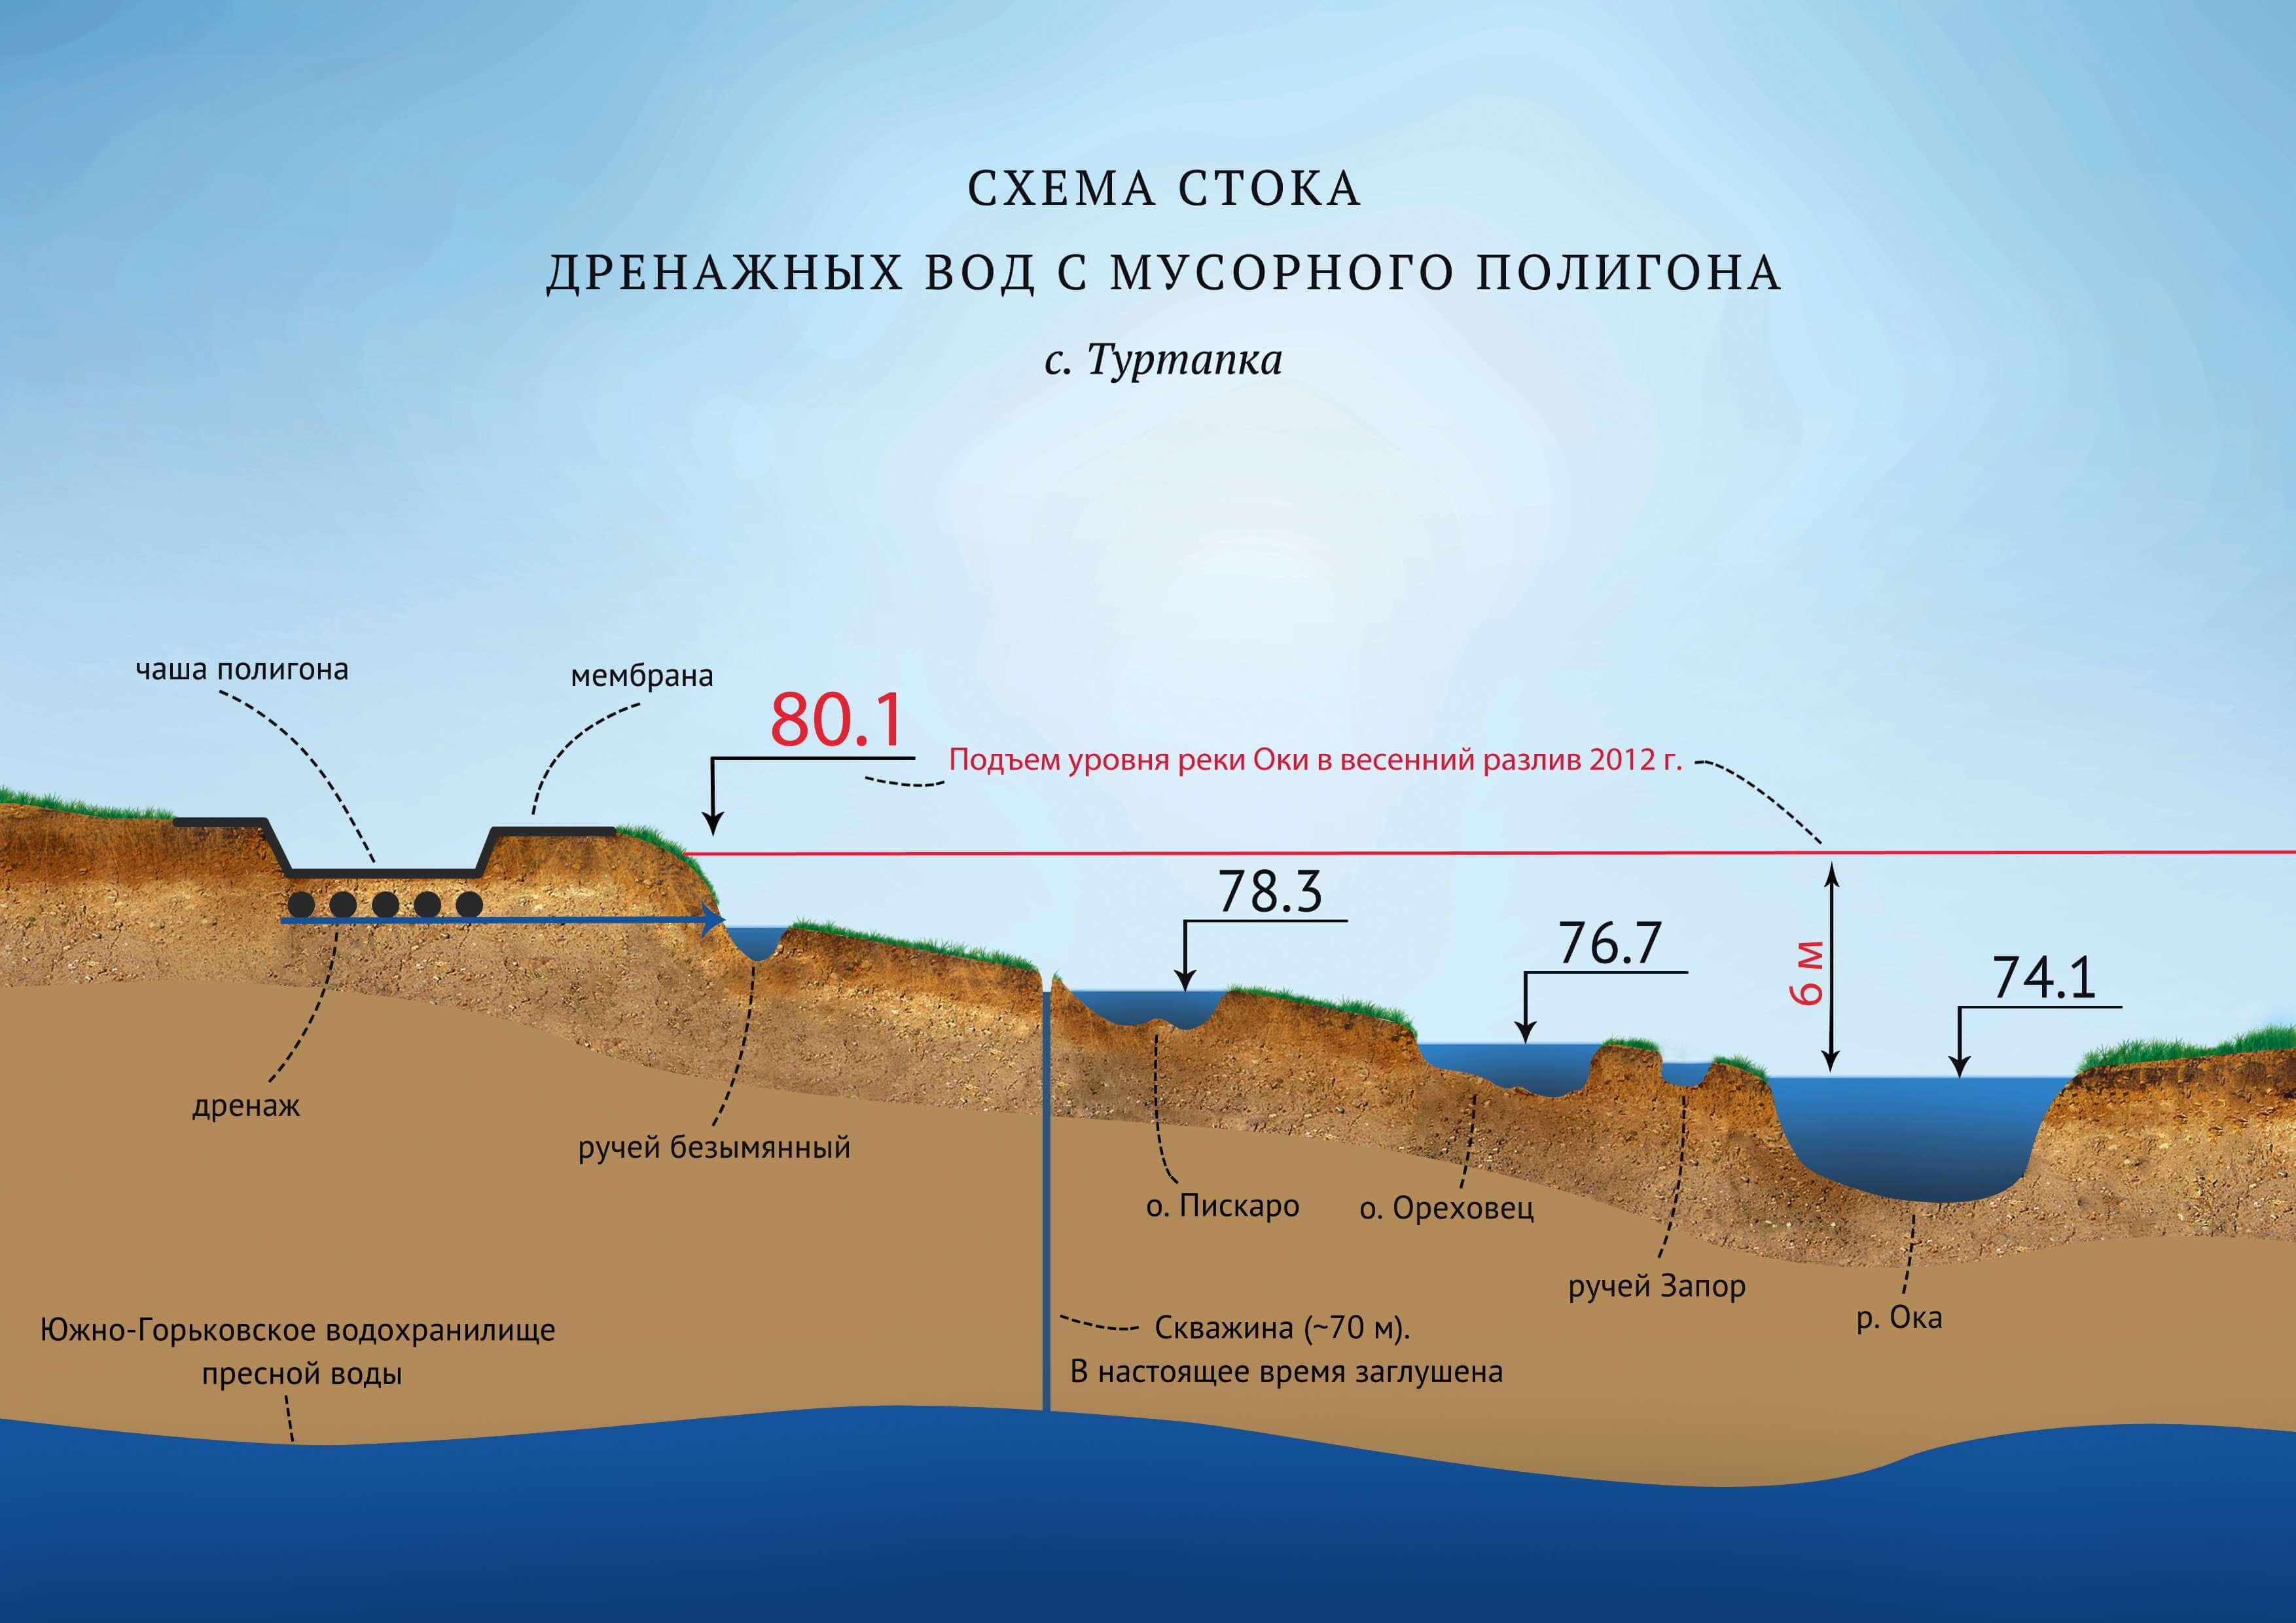 deponirovanie osadkov stochnyh vod 2 Депонирование осадков сточных вод и утилизация